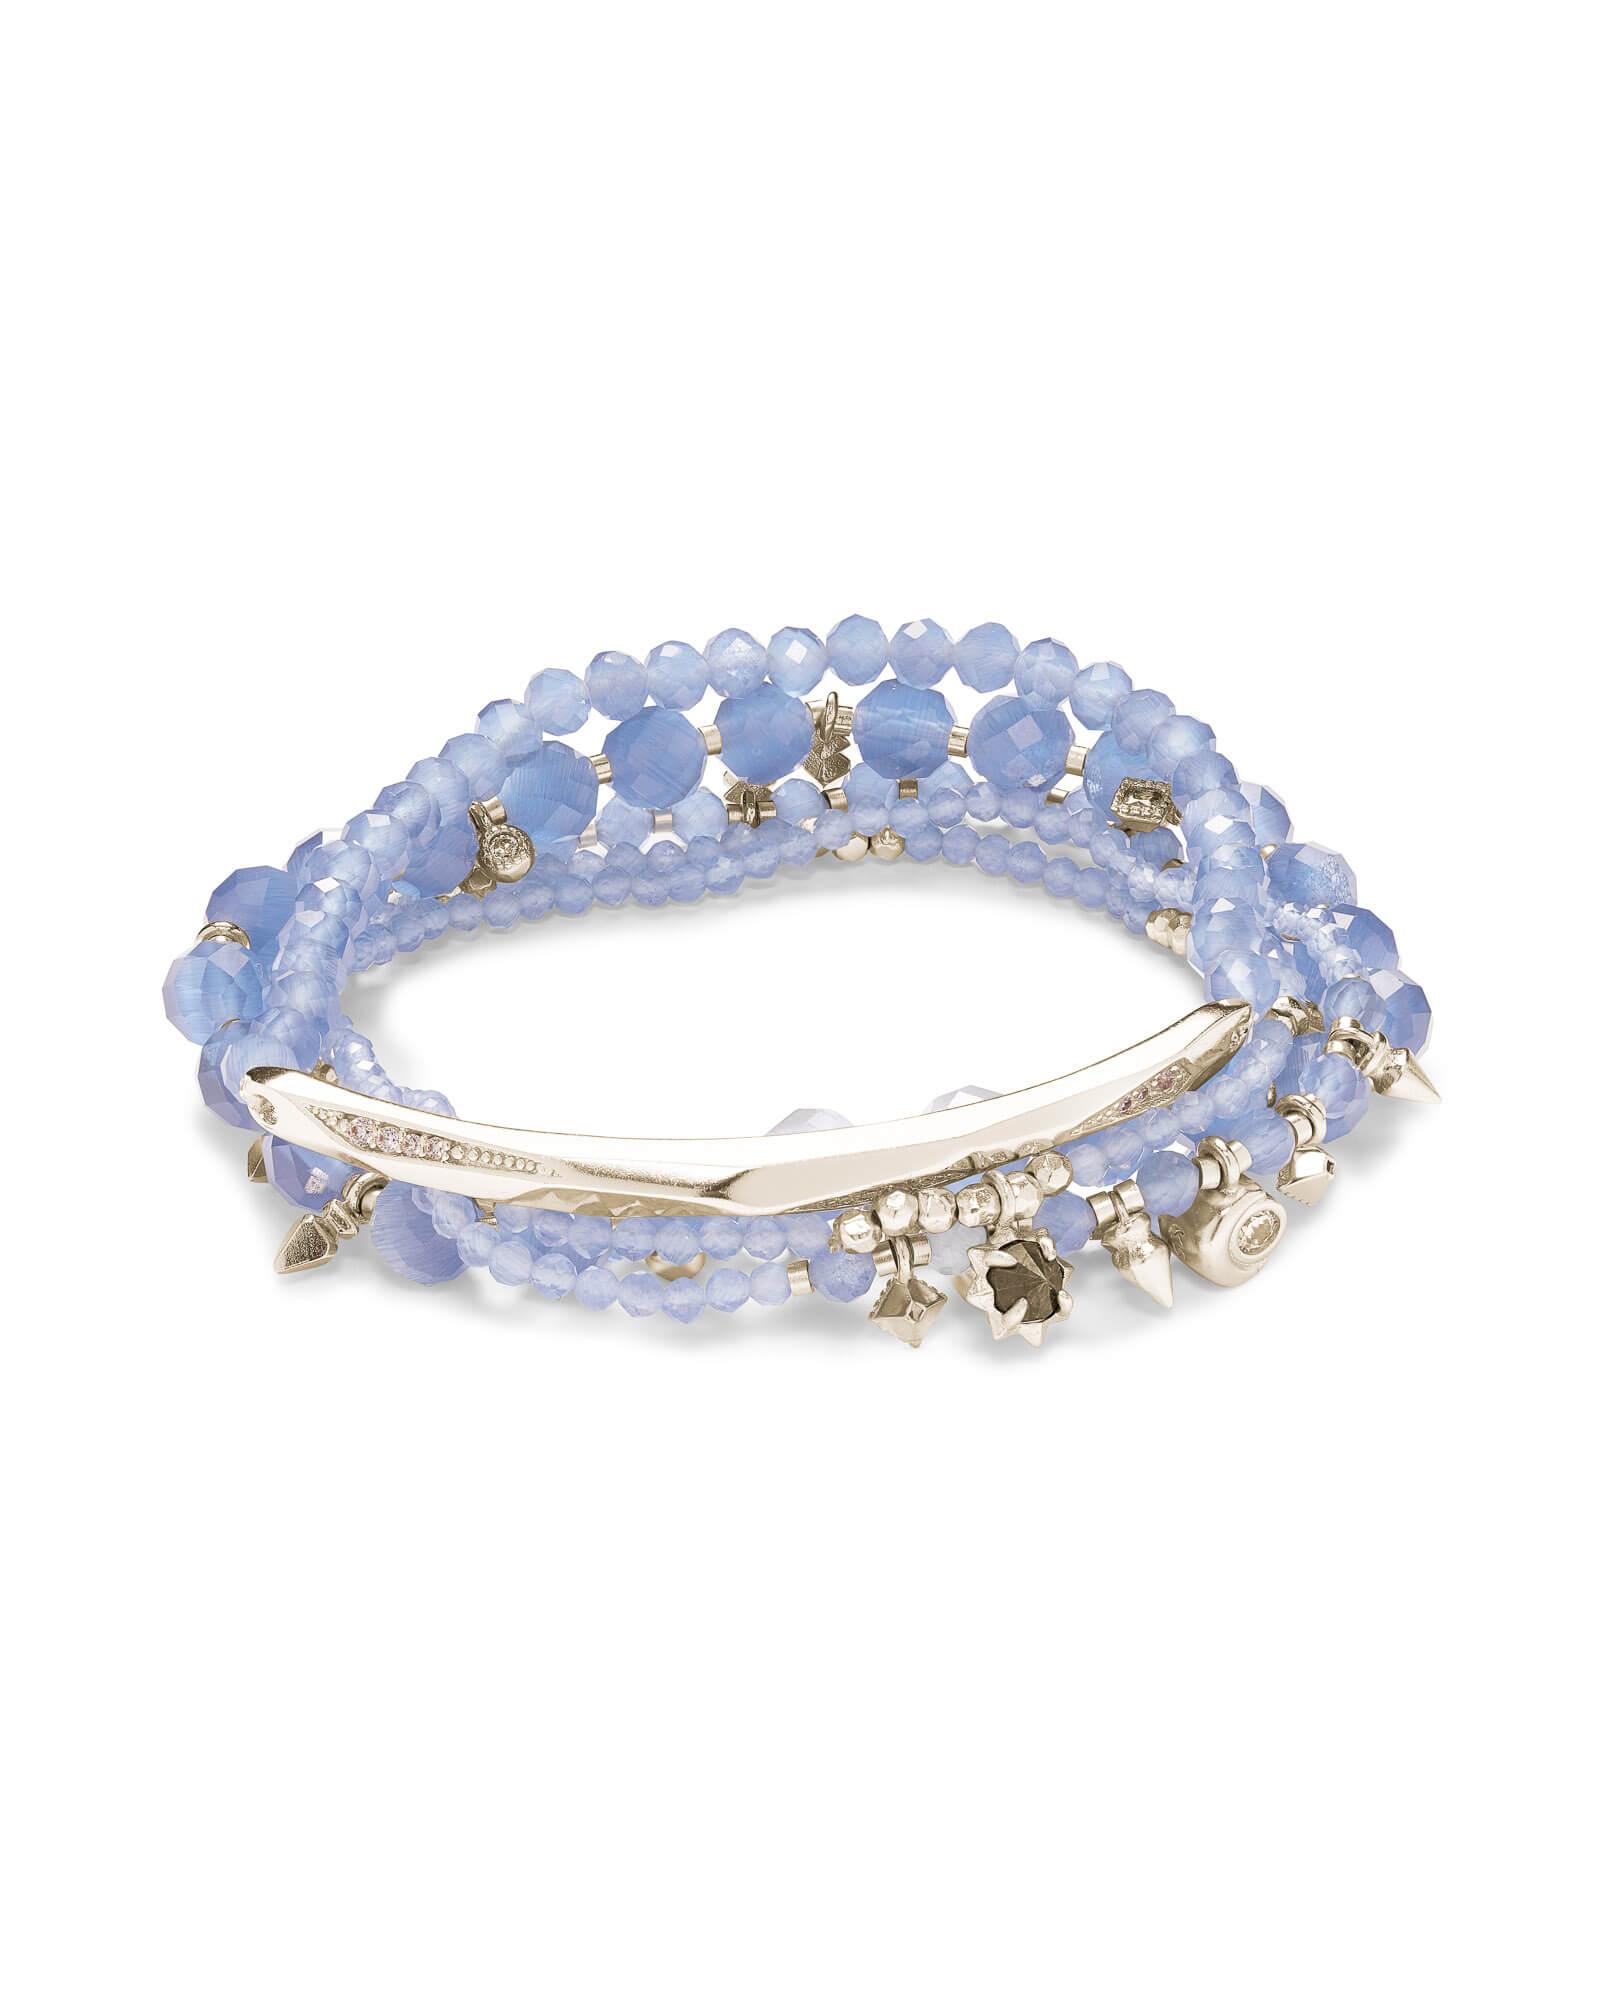 Supak Silver Beaded Bracelet Set In Periwinkle Cats Eye